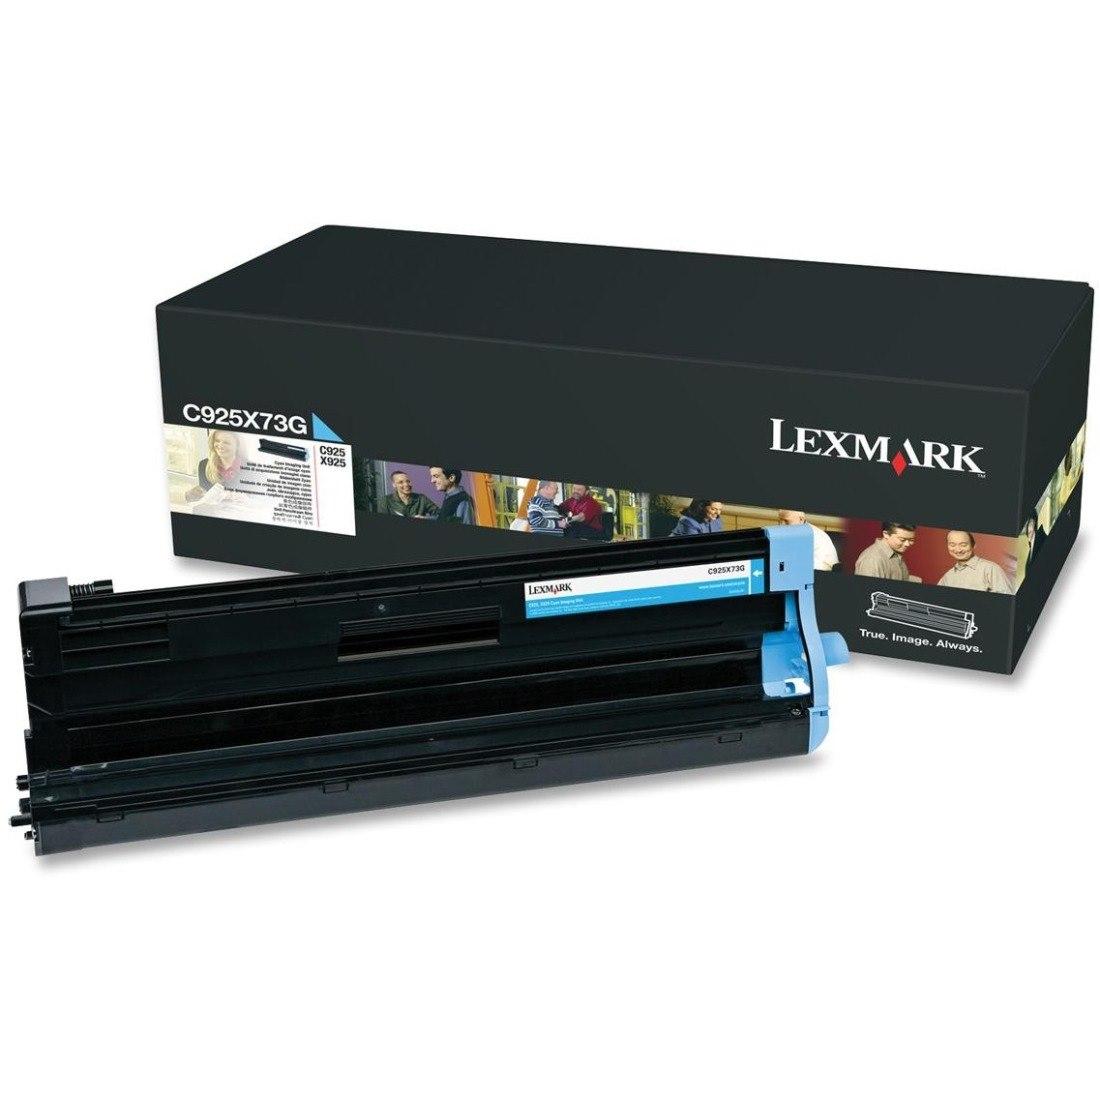 Lexmark C925X73G Laser Imaging Drum - Cyan